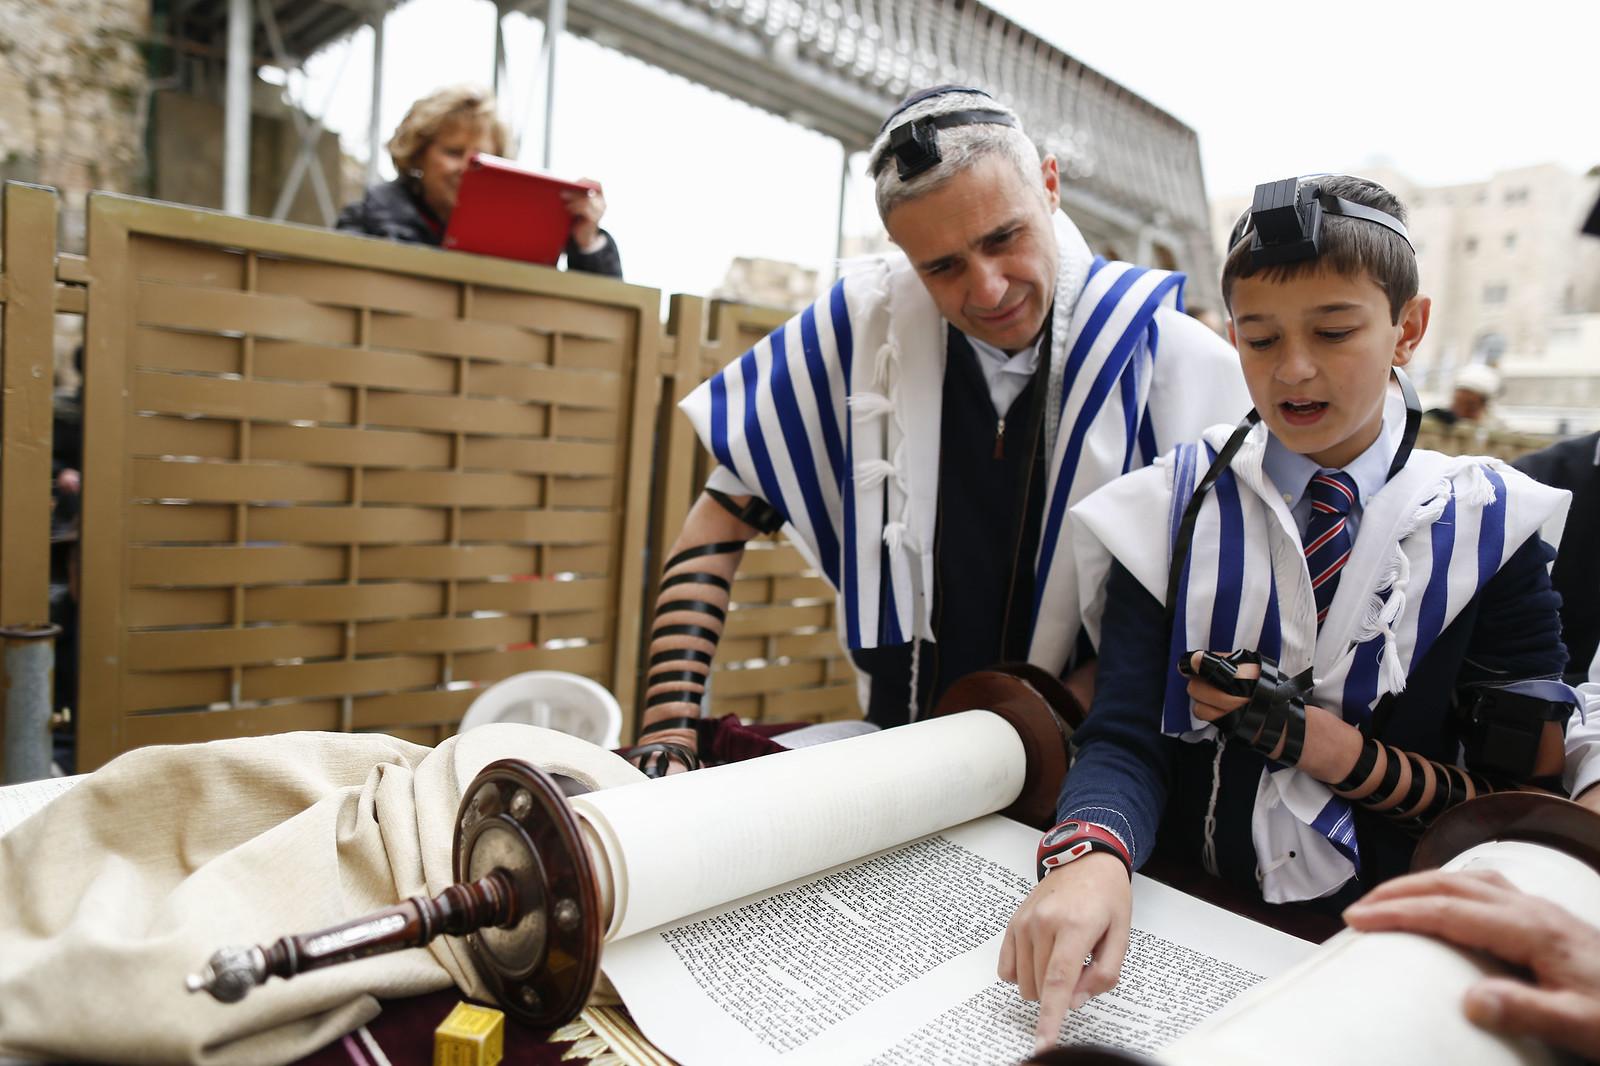 Bar Mitzvah 23_Jerusalem_Y9A9810_Yonatan Sindel_Flash 90_IMOT